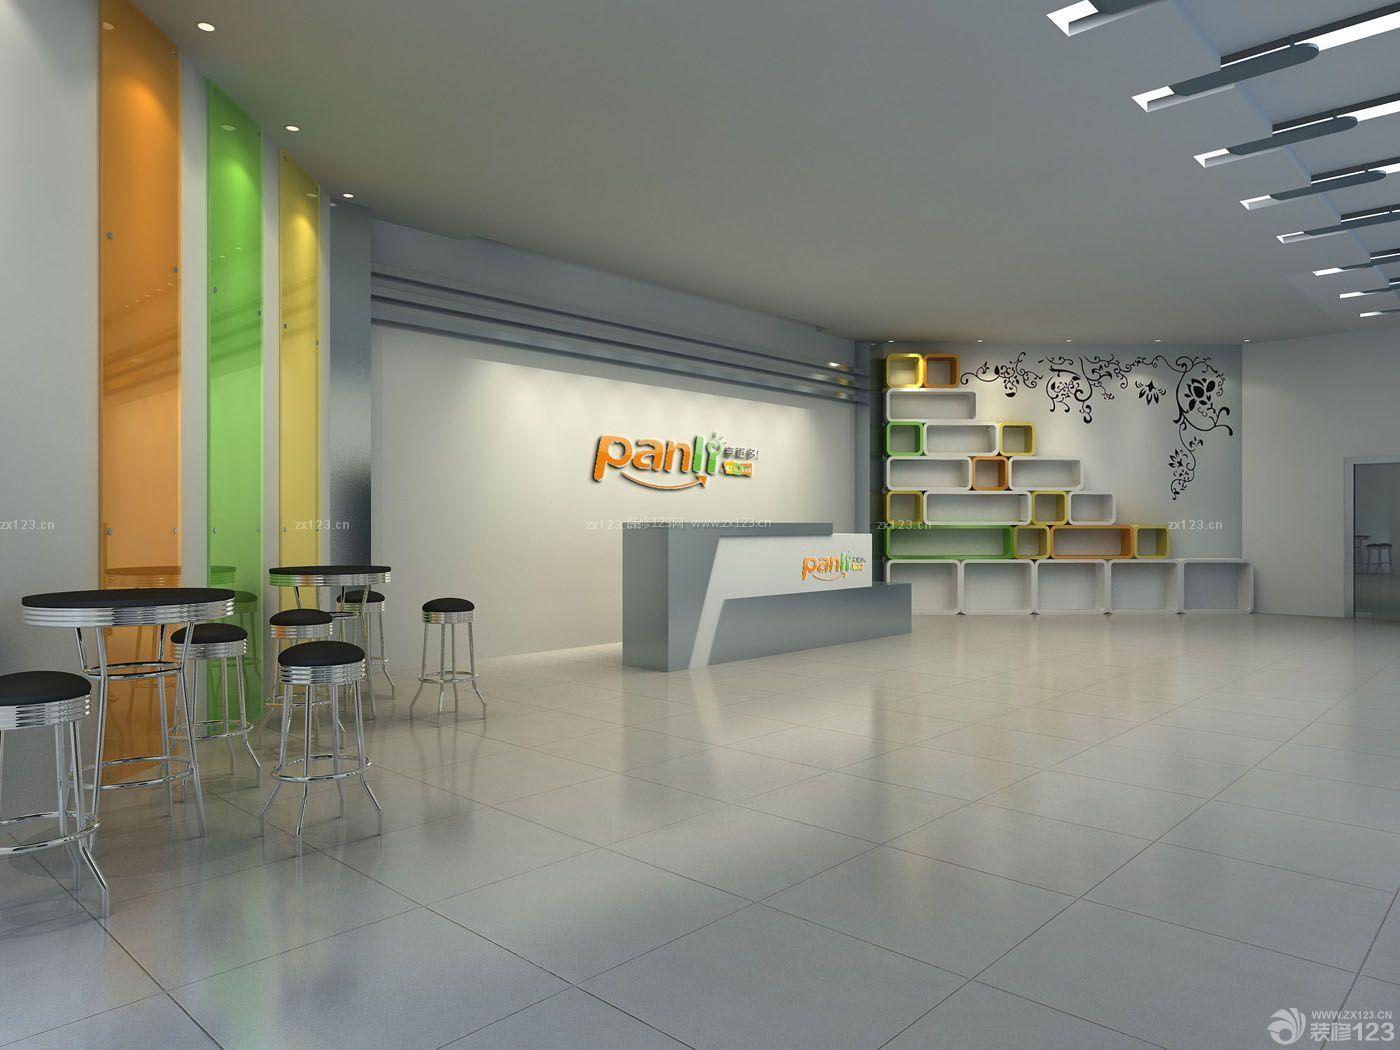 公司前台形象墙装修设计案例